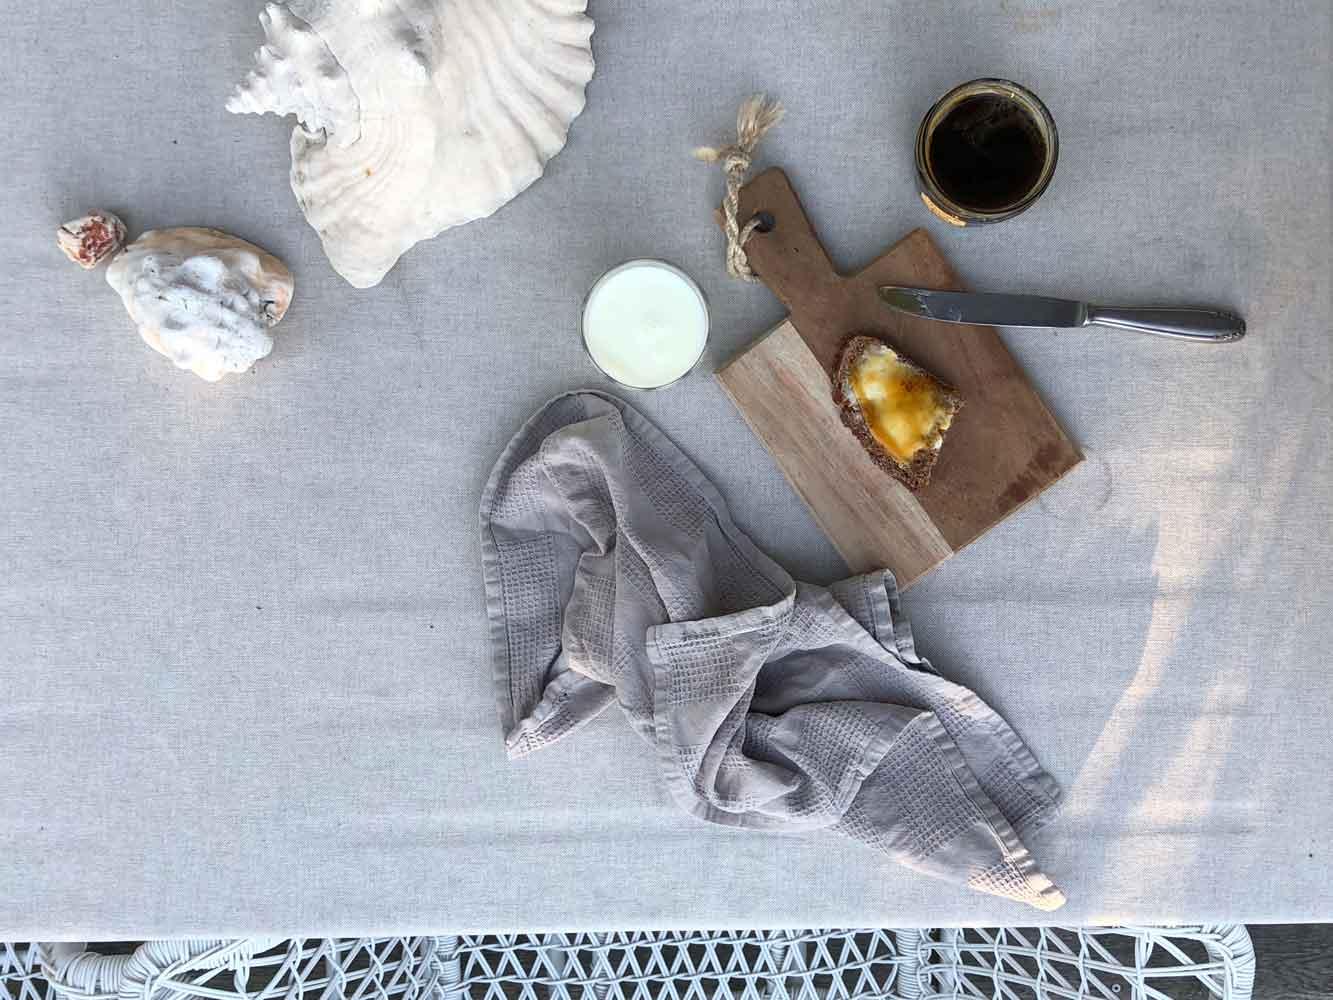 Loewenzahnhonig Terrasse Gartentisch Fruehstueck Brot Milch - Autark leben in der Stadt | unser Pflanzenhonig aus Löwenzahn